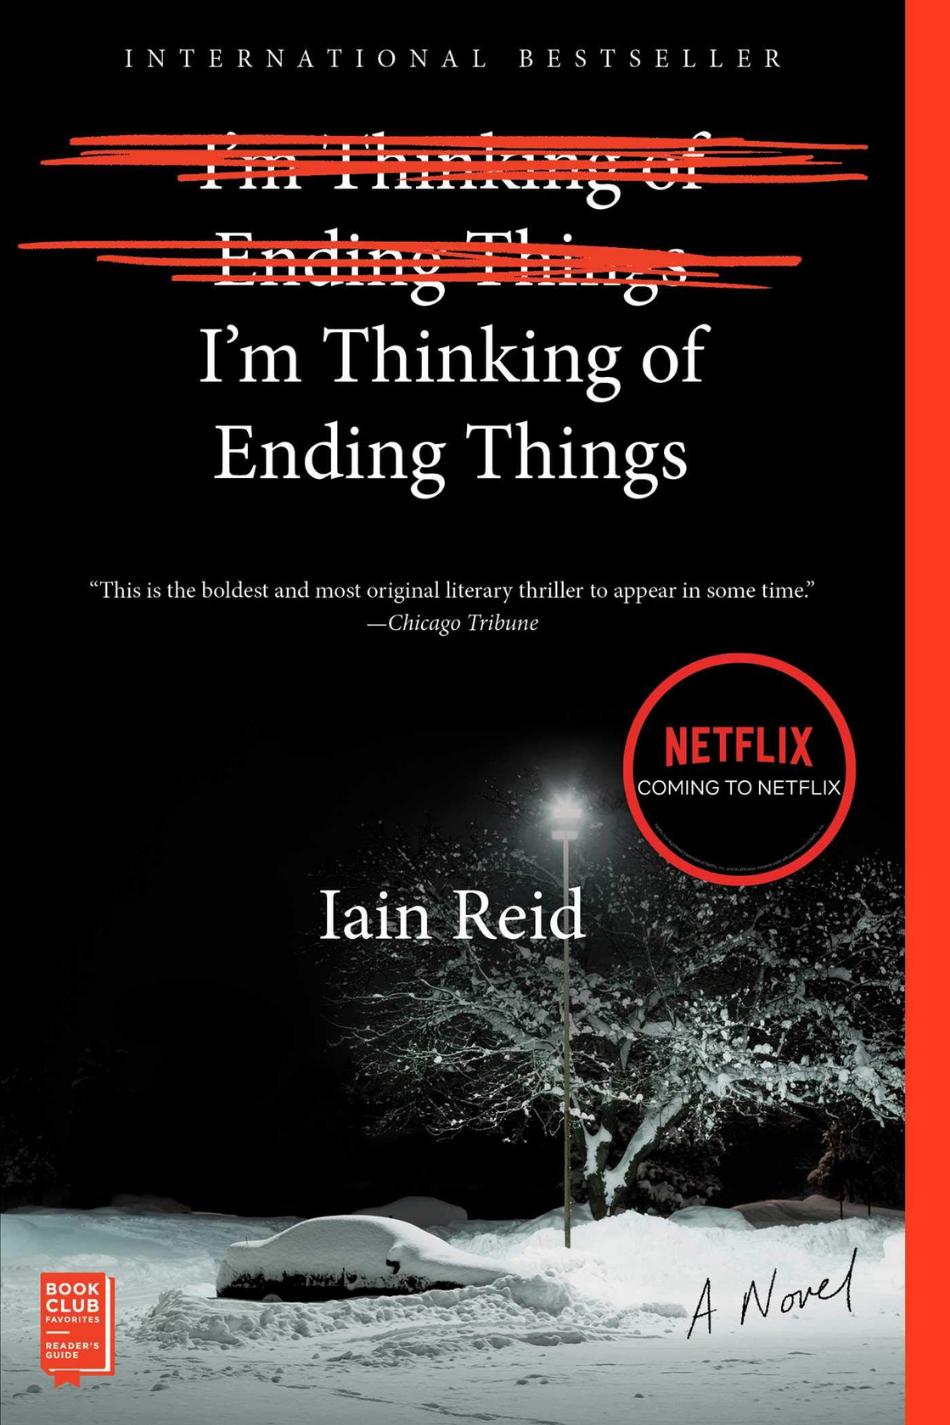 im thinking of ending things iain reid